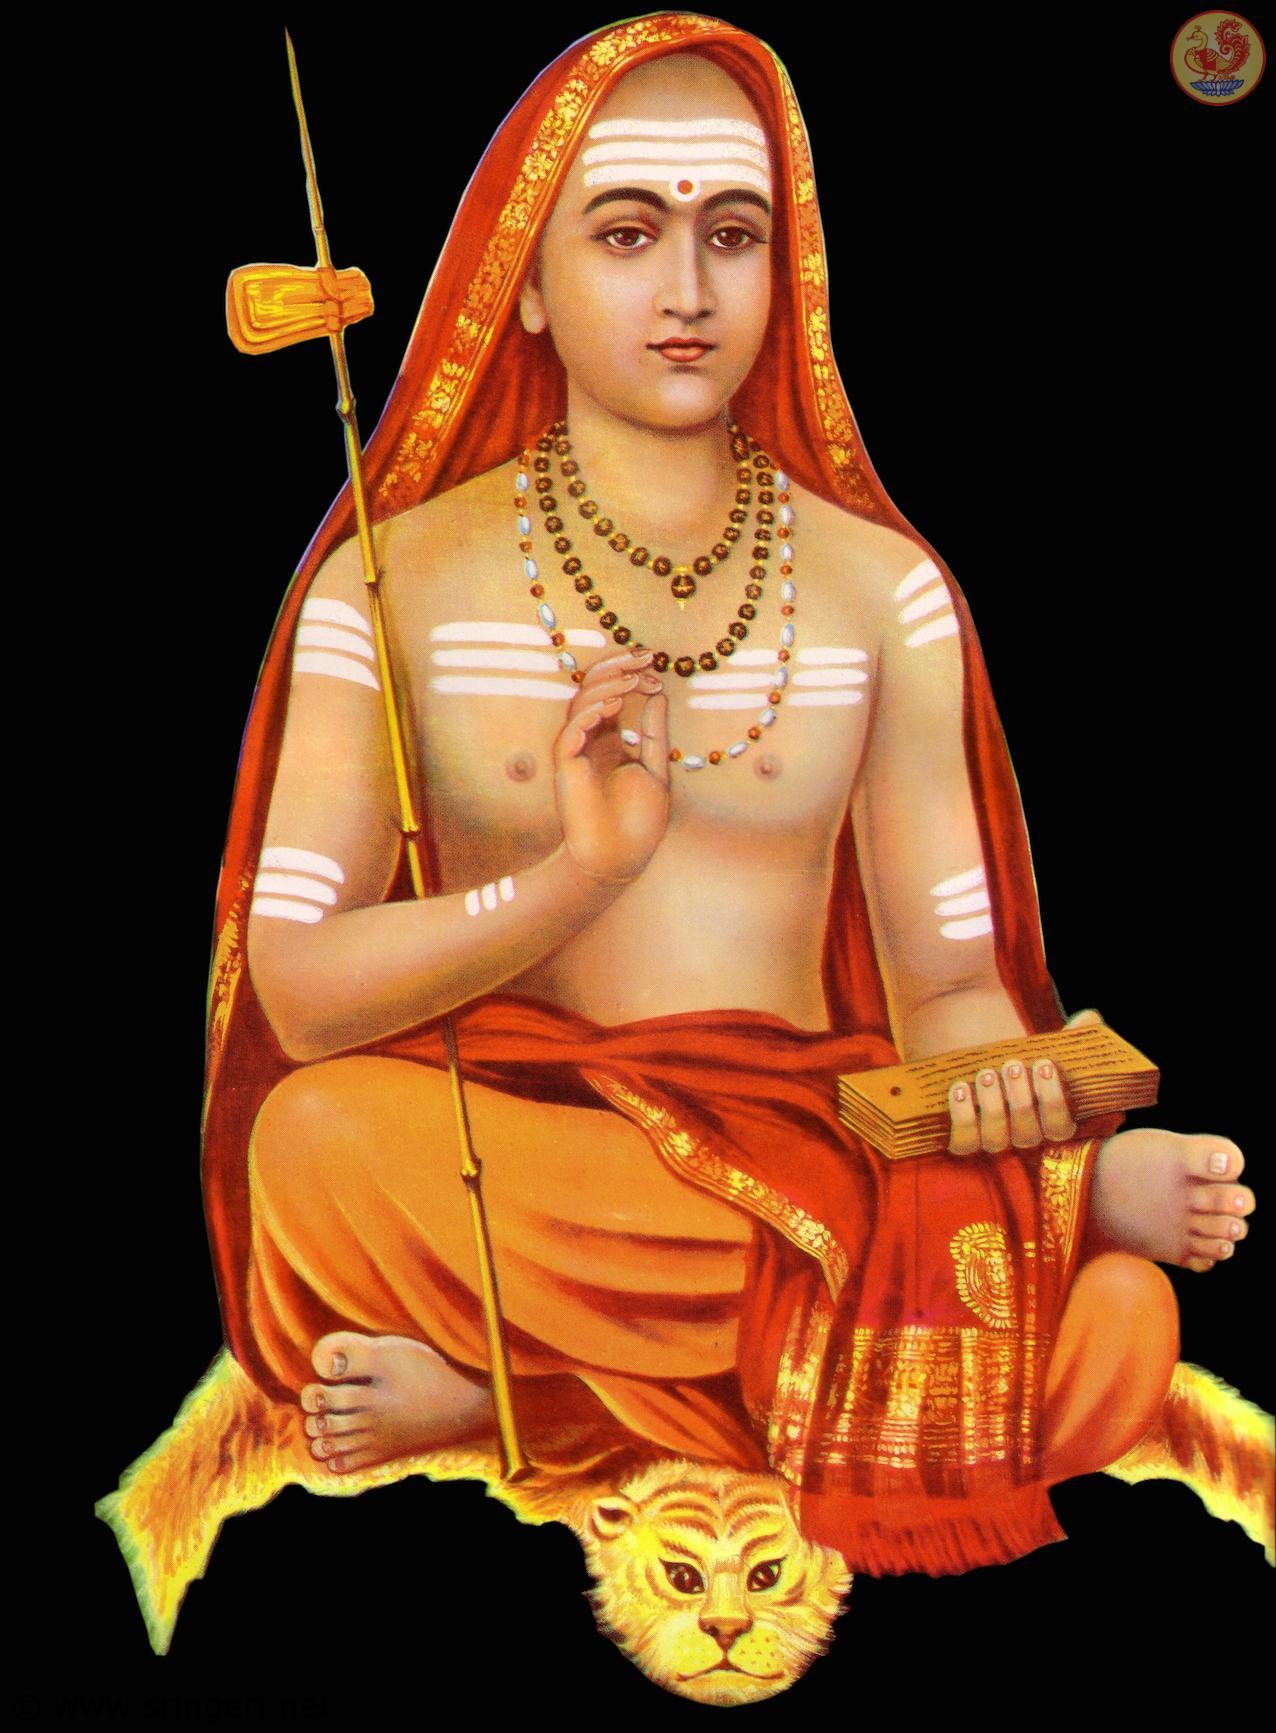 sankranthi-national-news-hindu-festivals-makara-sankranti-adh